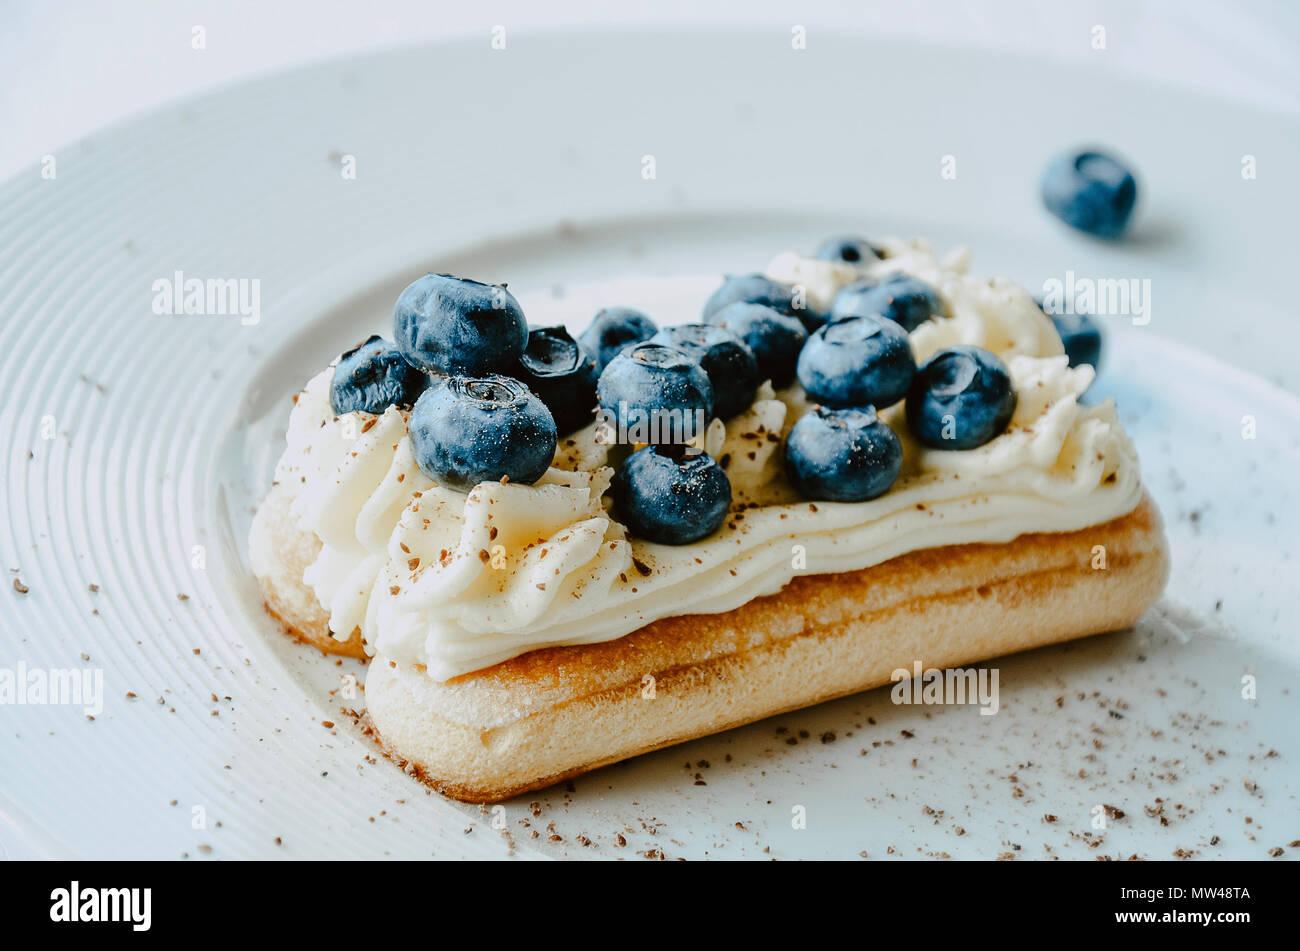 Blueberry tiramisu non traditionnels avec les baies fraîches. Fond blanc, copie de l'espace. Photo Stock